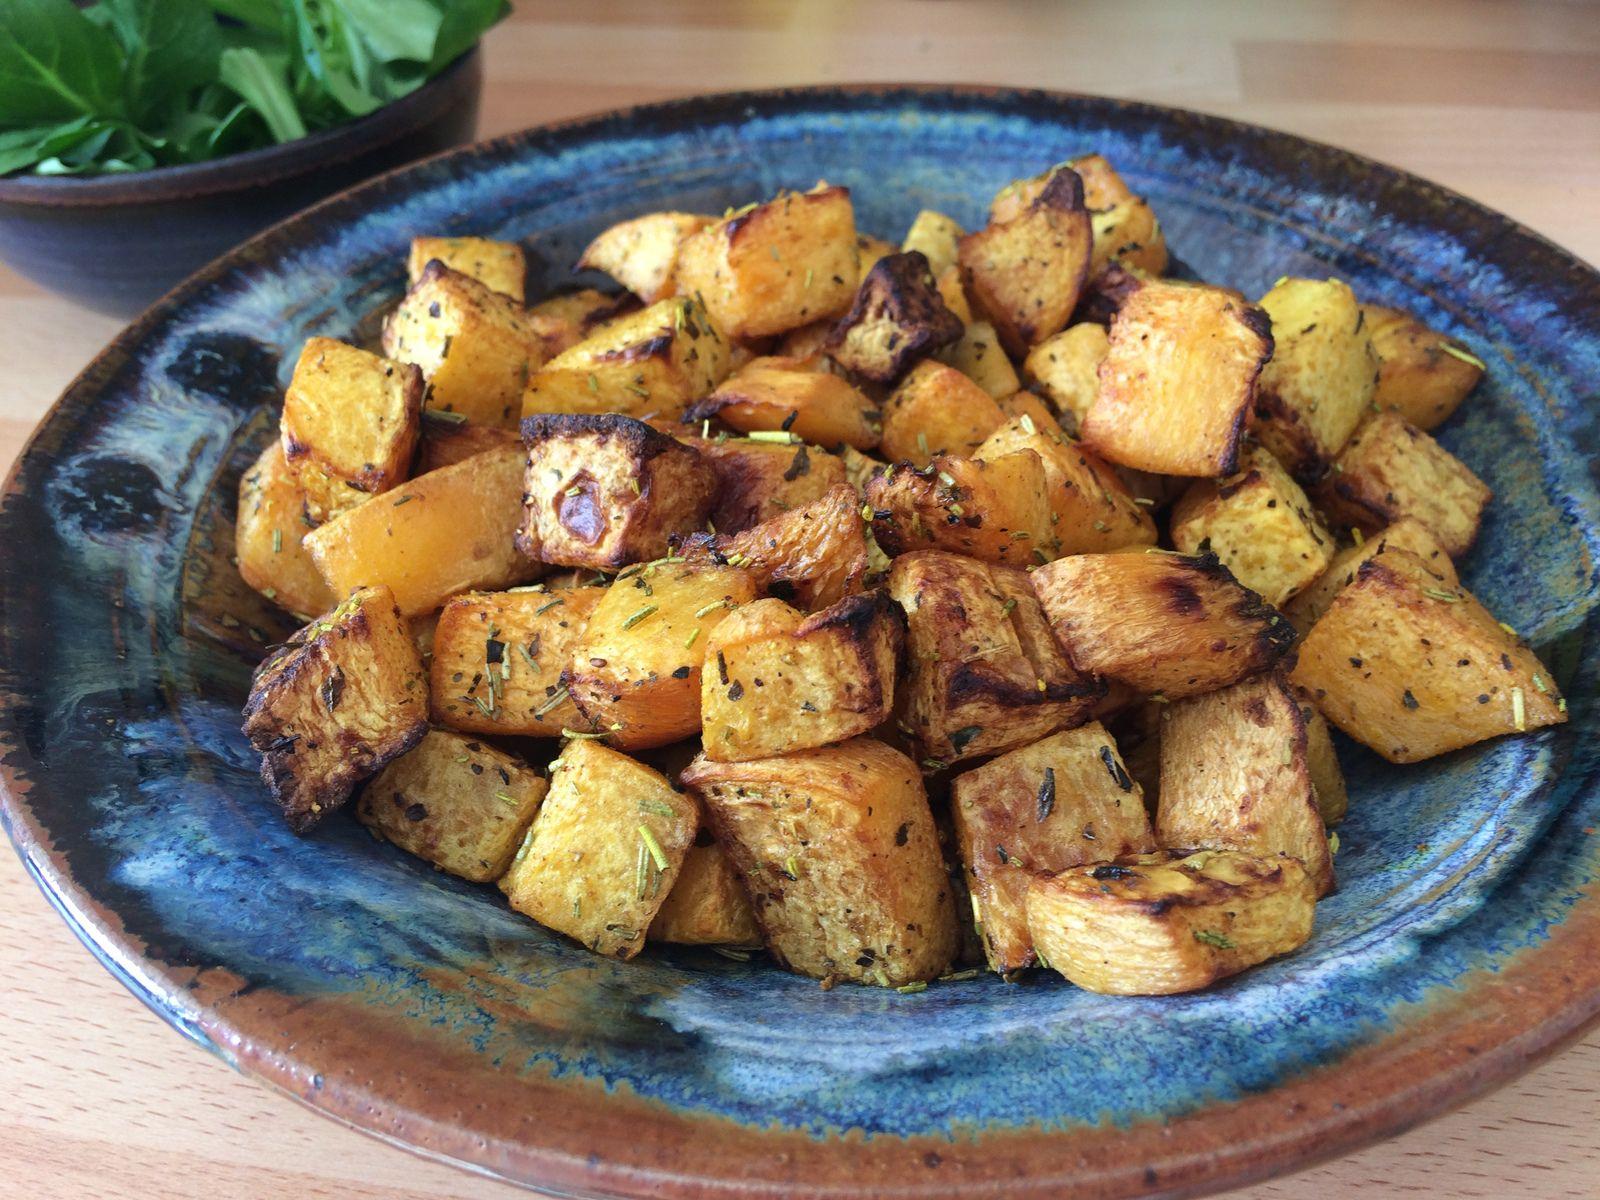 Aujourd'hui je vous partage un nouveau test concluant de légume cuit au four avec des épices, avec du rutabaga.